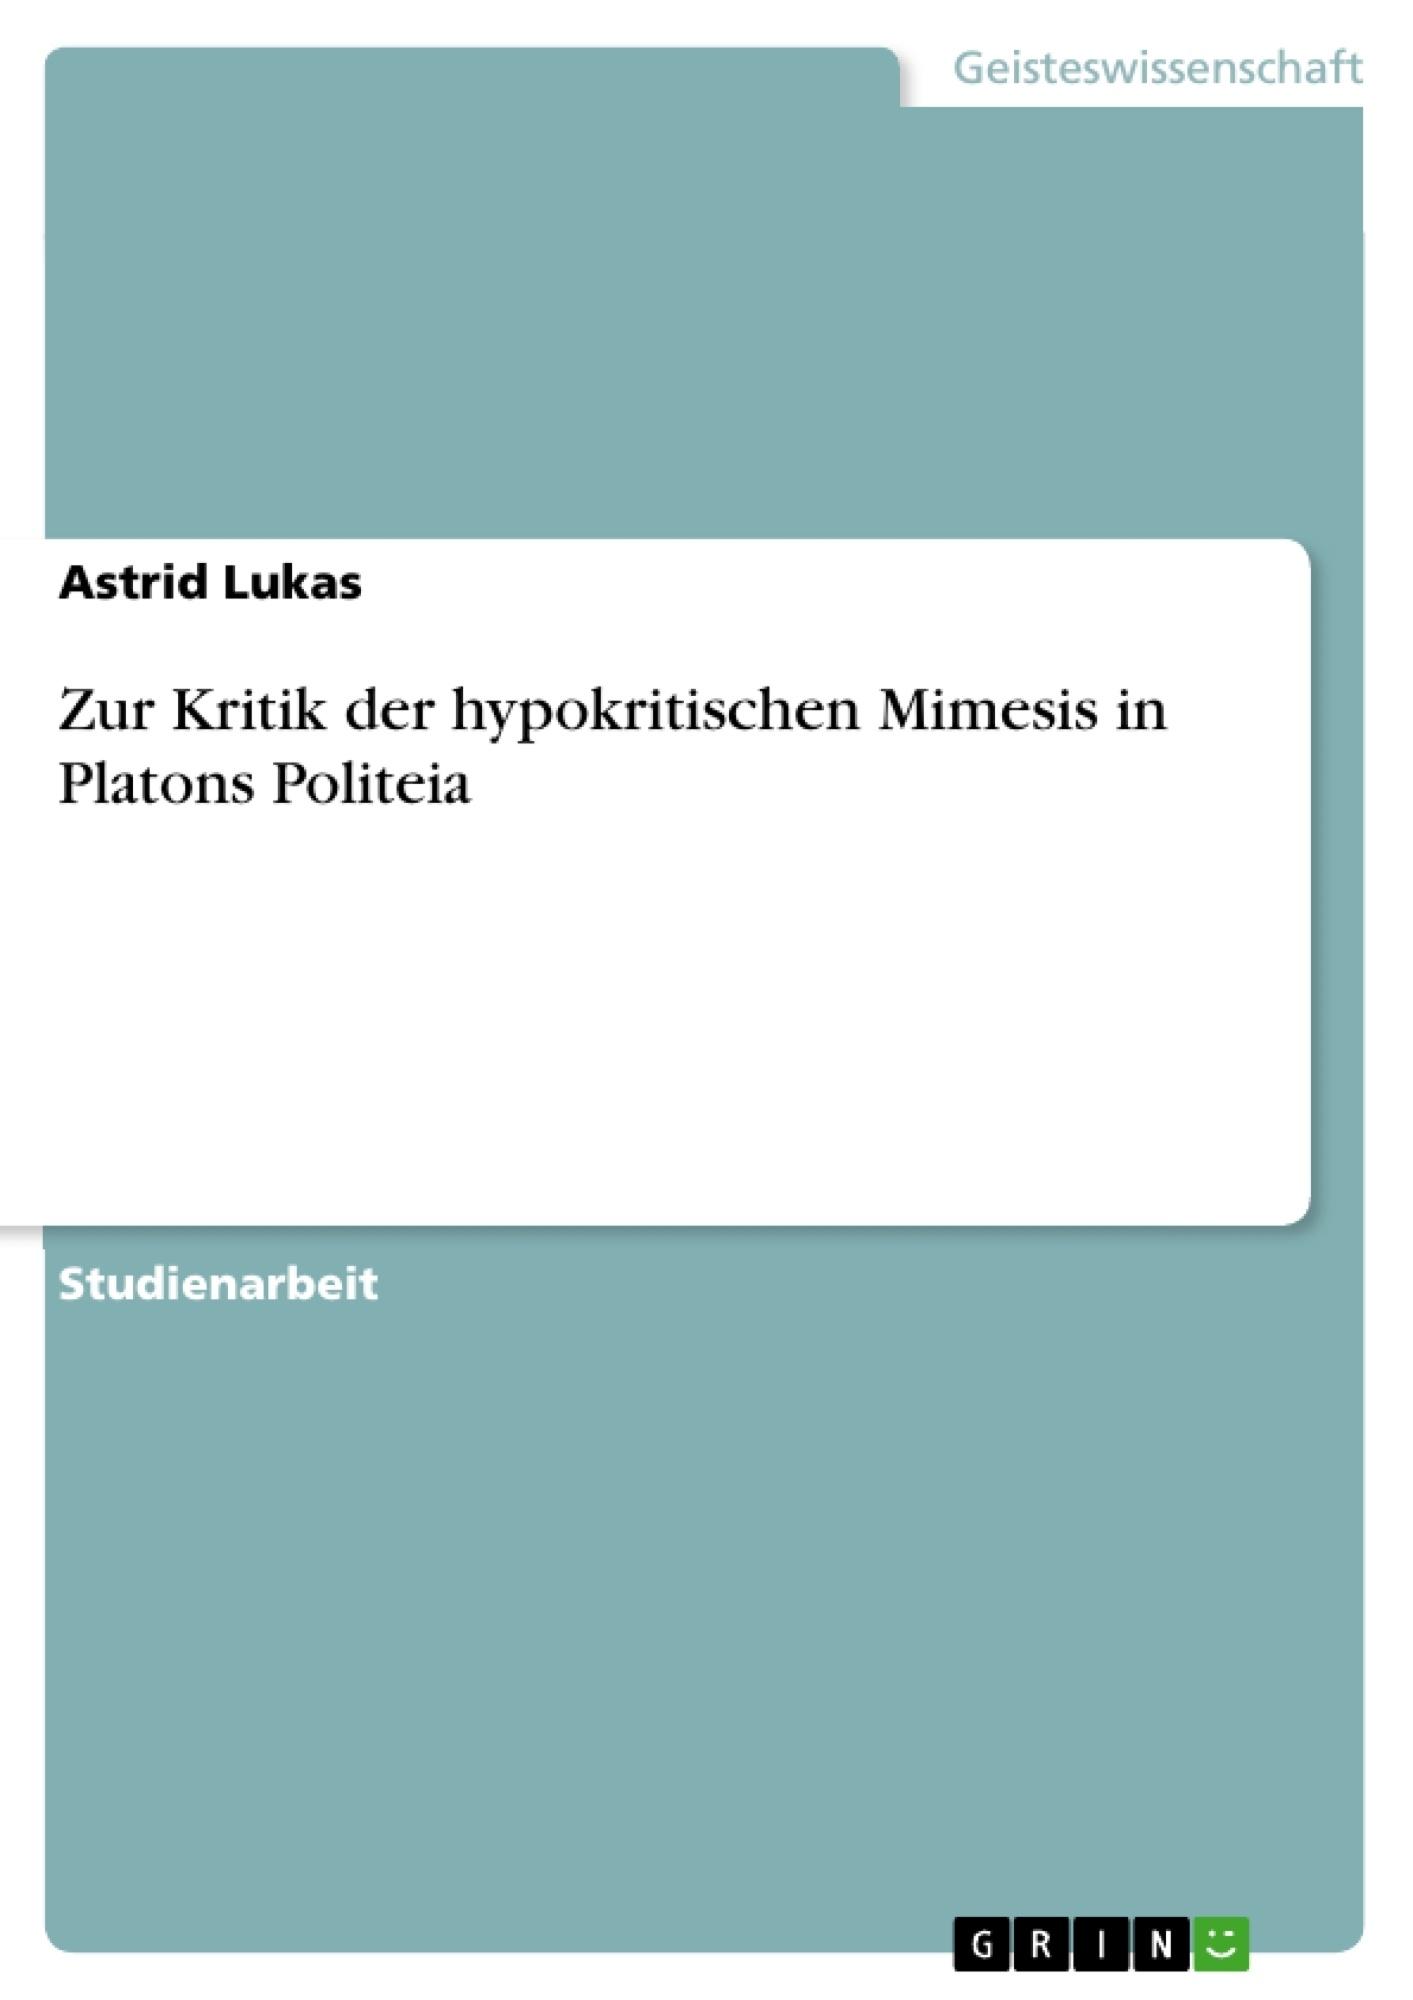 Titel: Zur Kritik der hypokritischen Mimesis in Platons Politeia